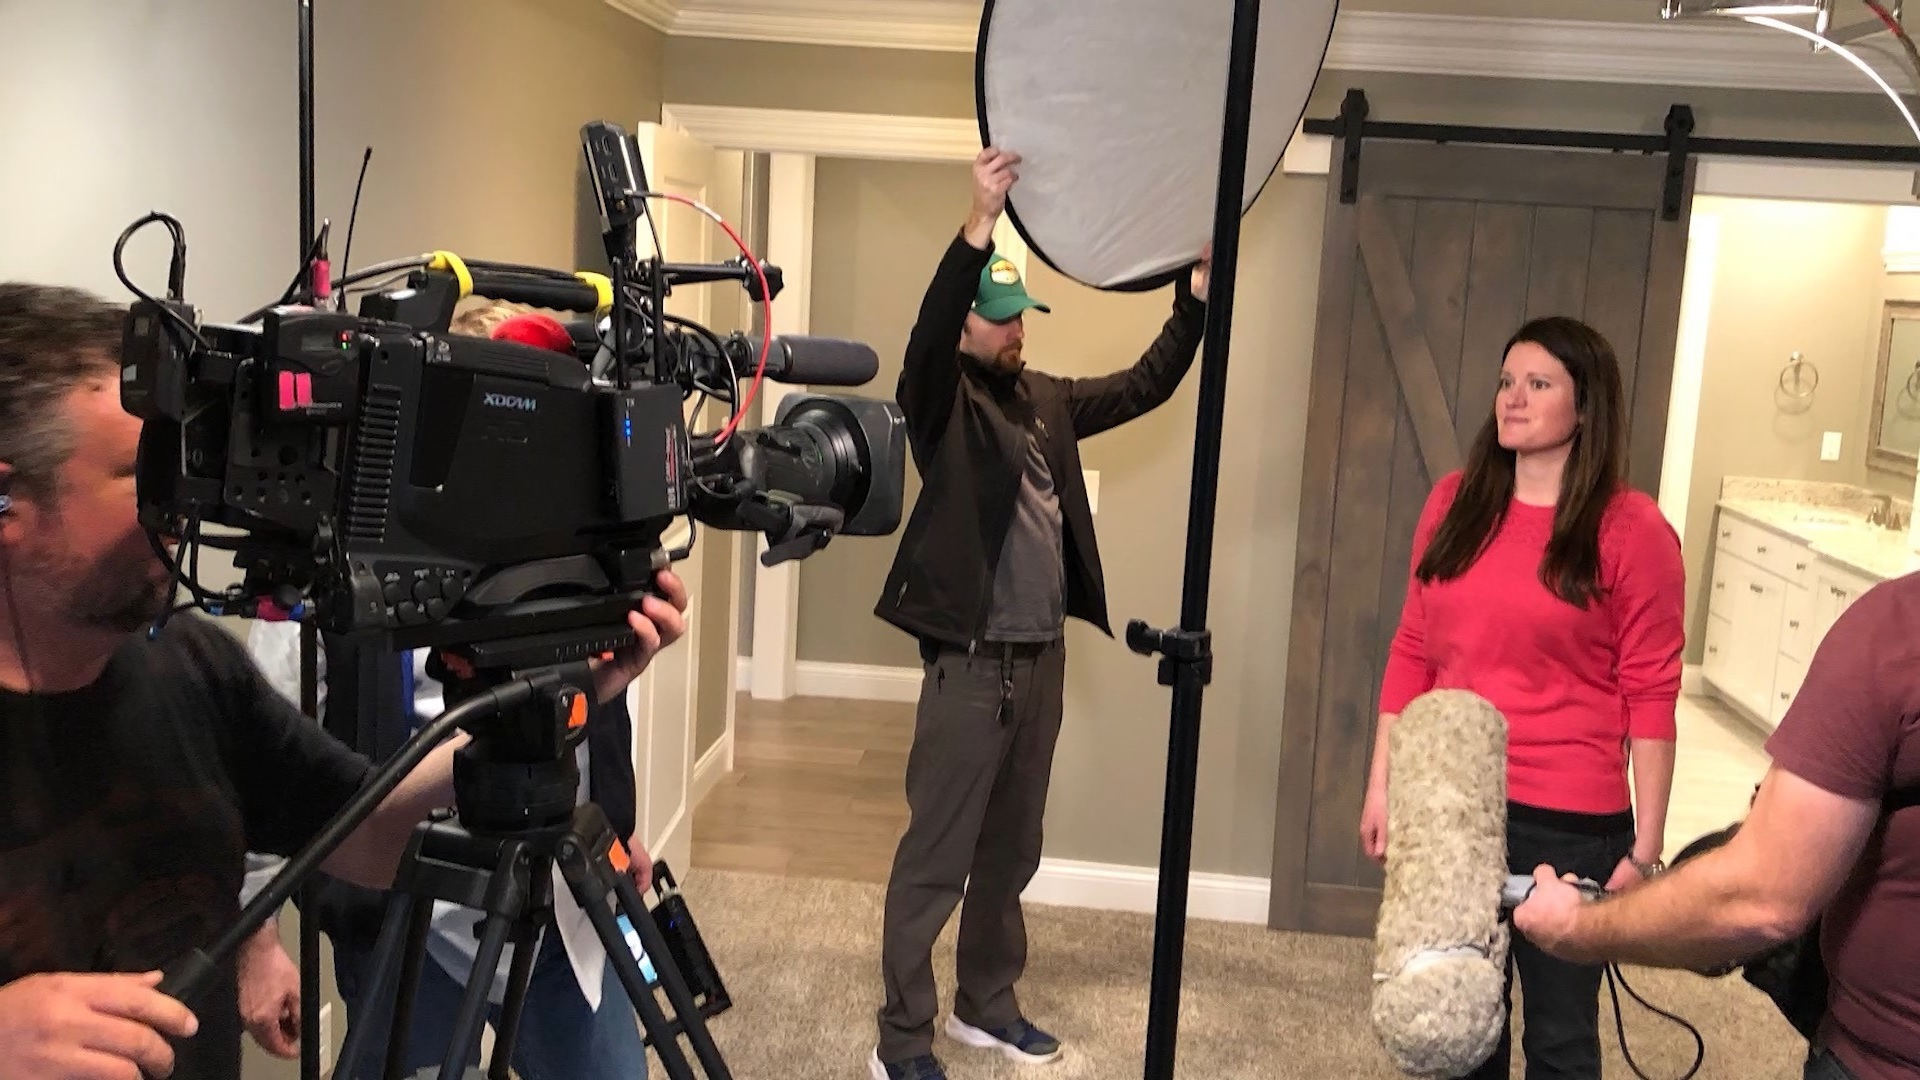 Evansville_family_featured_on_HGTV_0_20190125221555